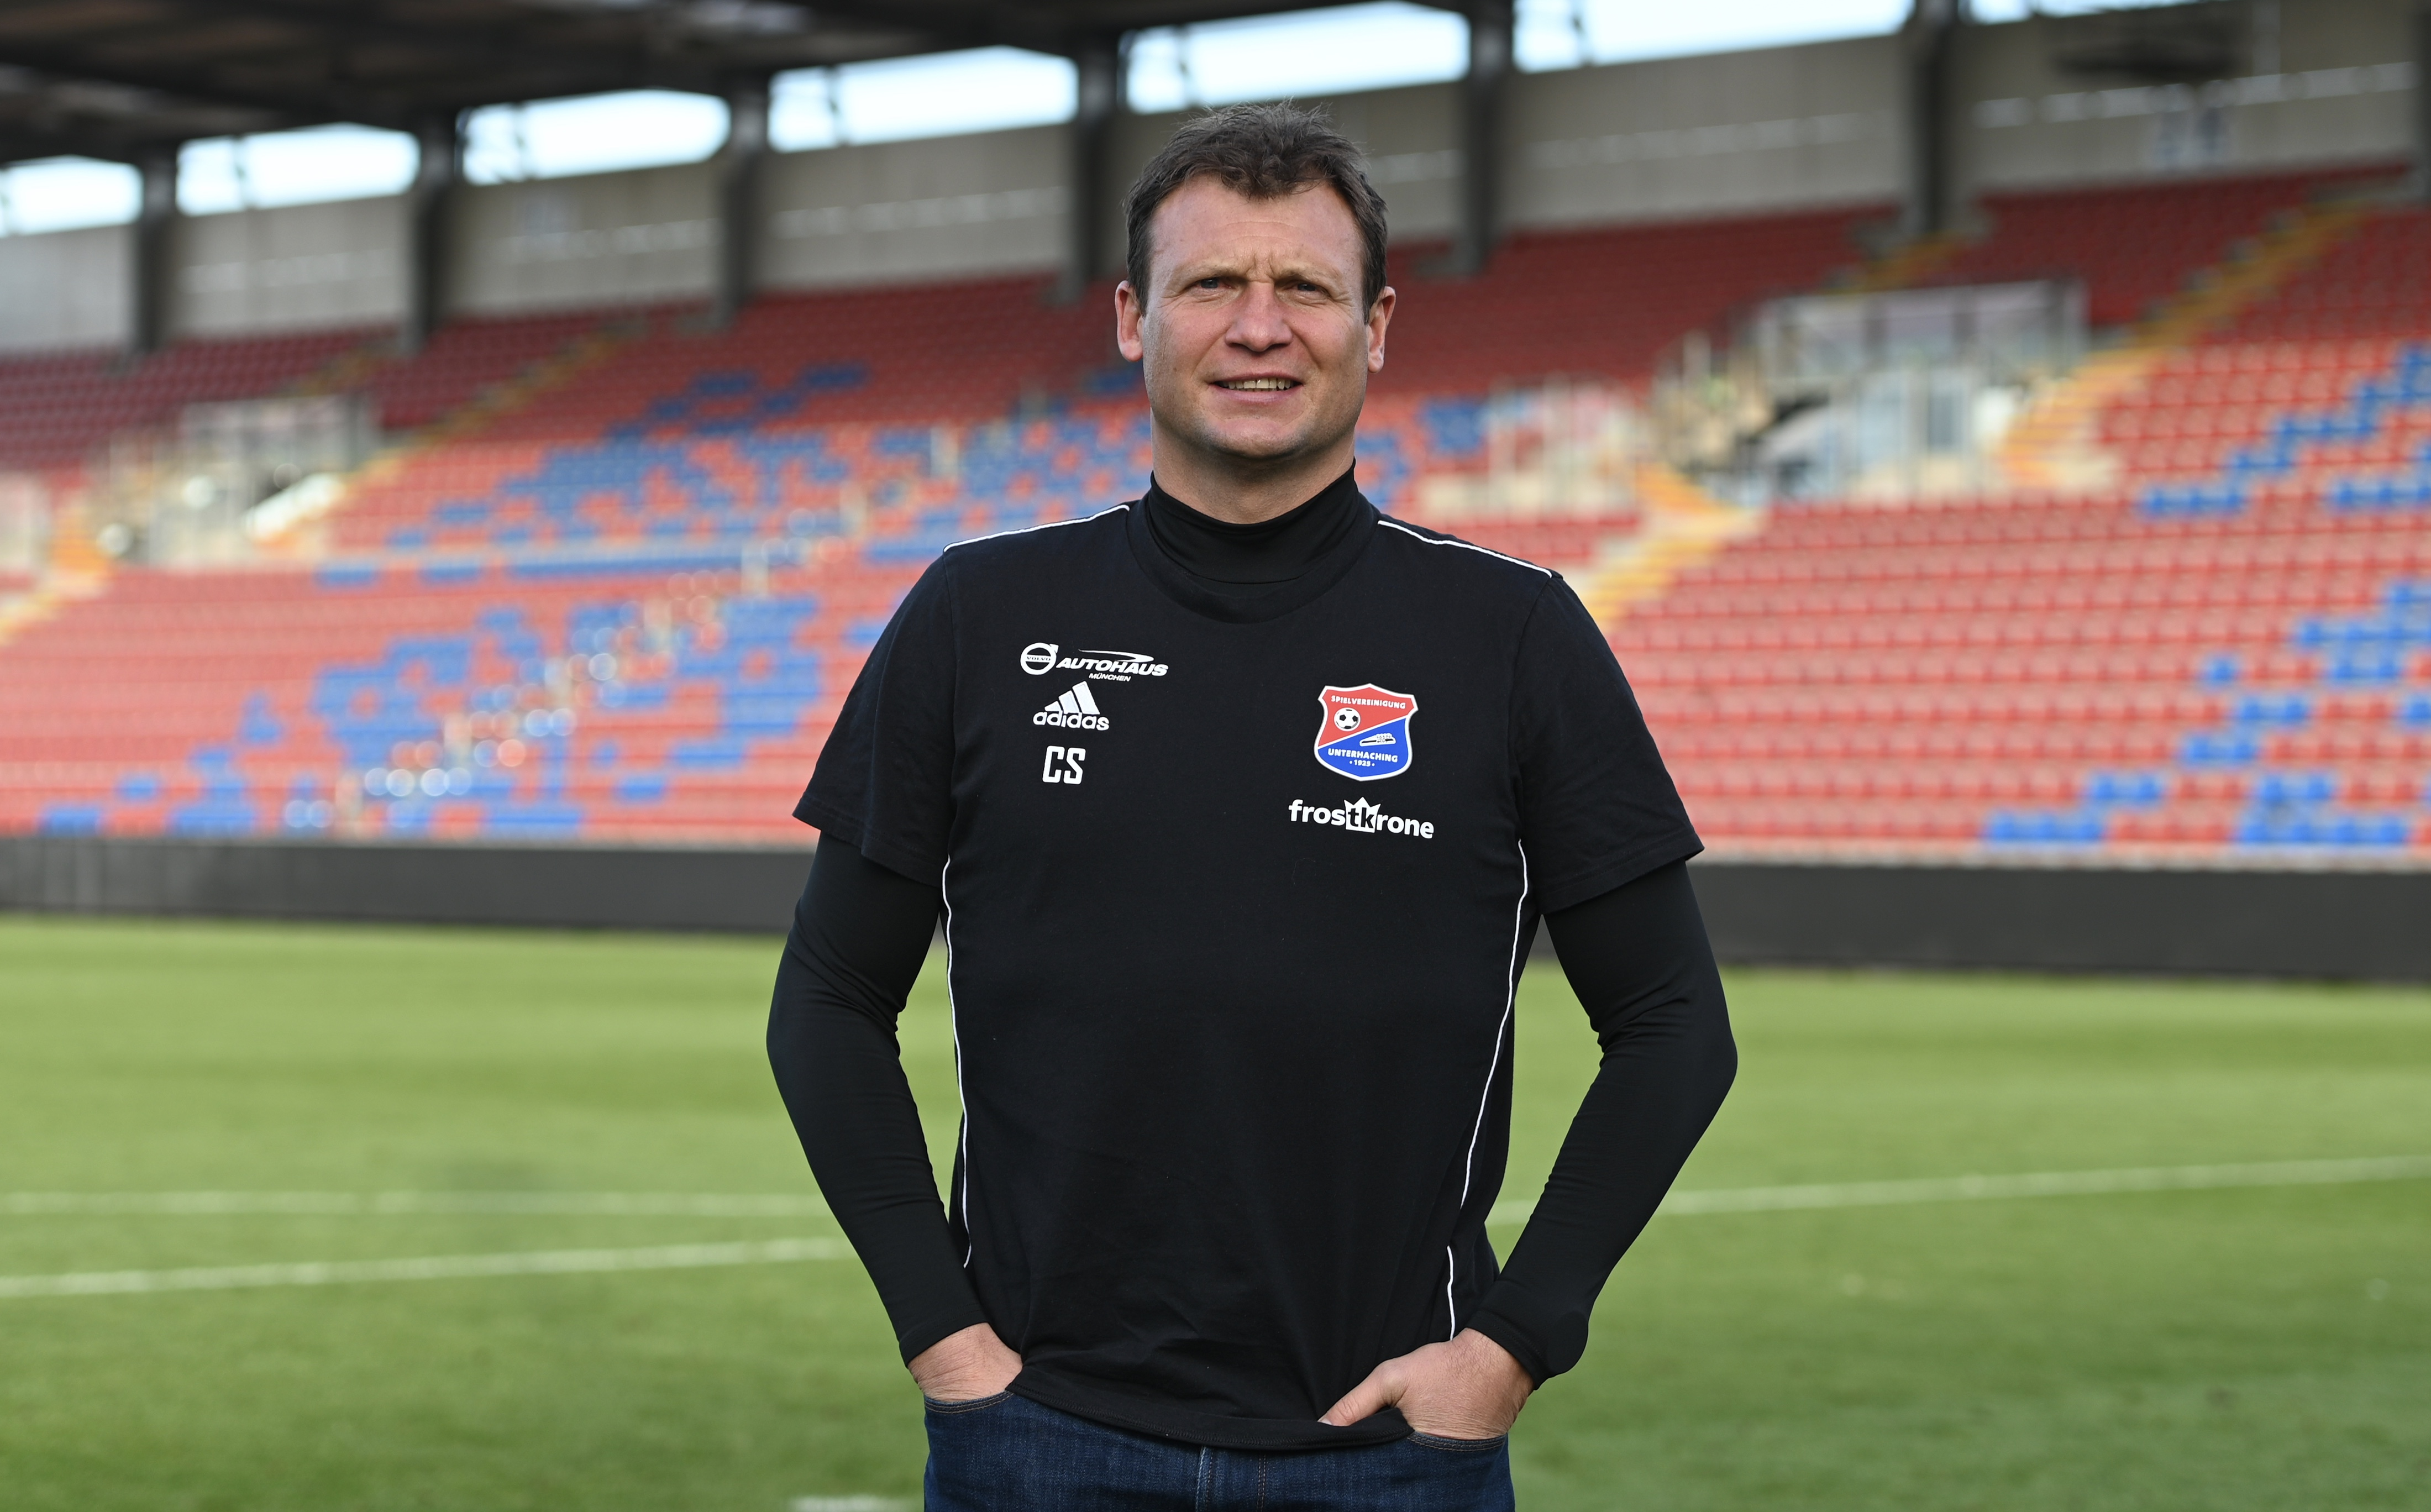 Claus Schromm ist Fußballtrainer der Profimannschaft von Unterhaching und äußert sich zu Trainerdiskussionen. Foto: Calvin Remmert